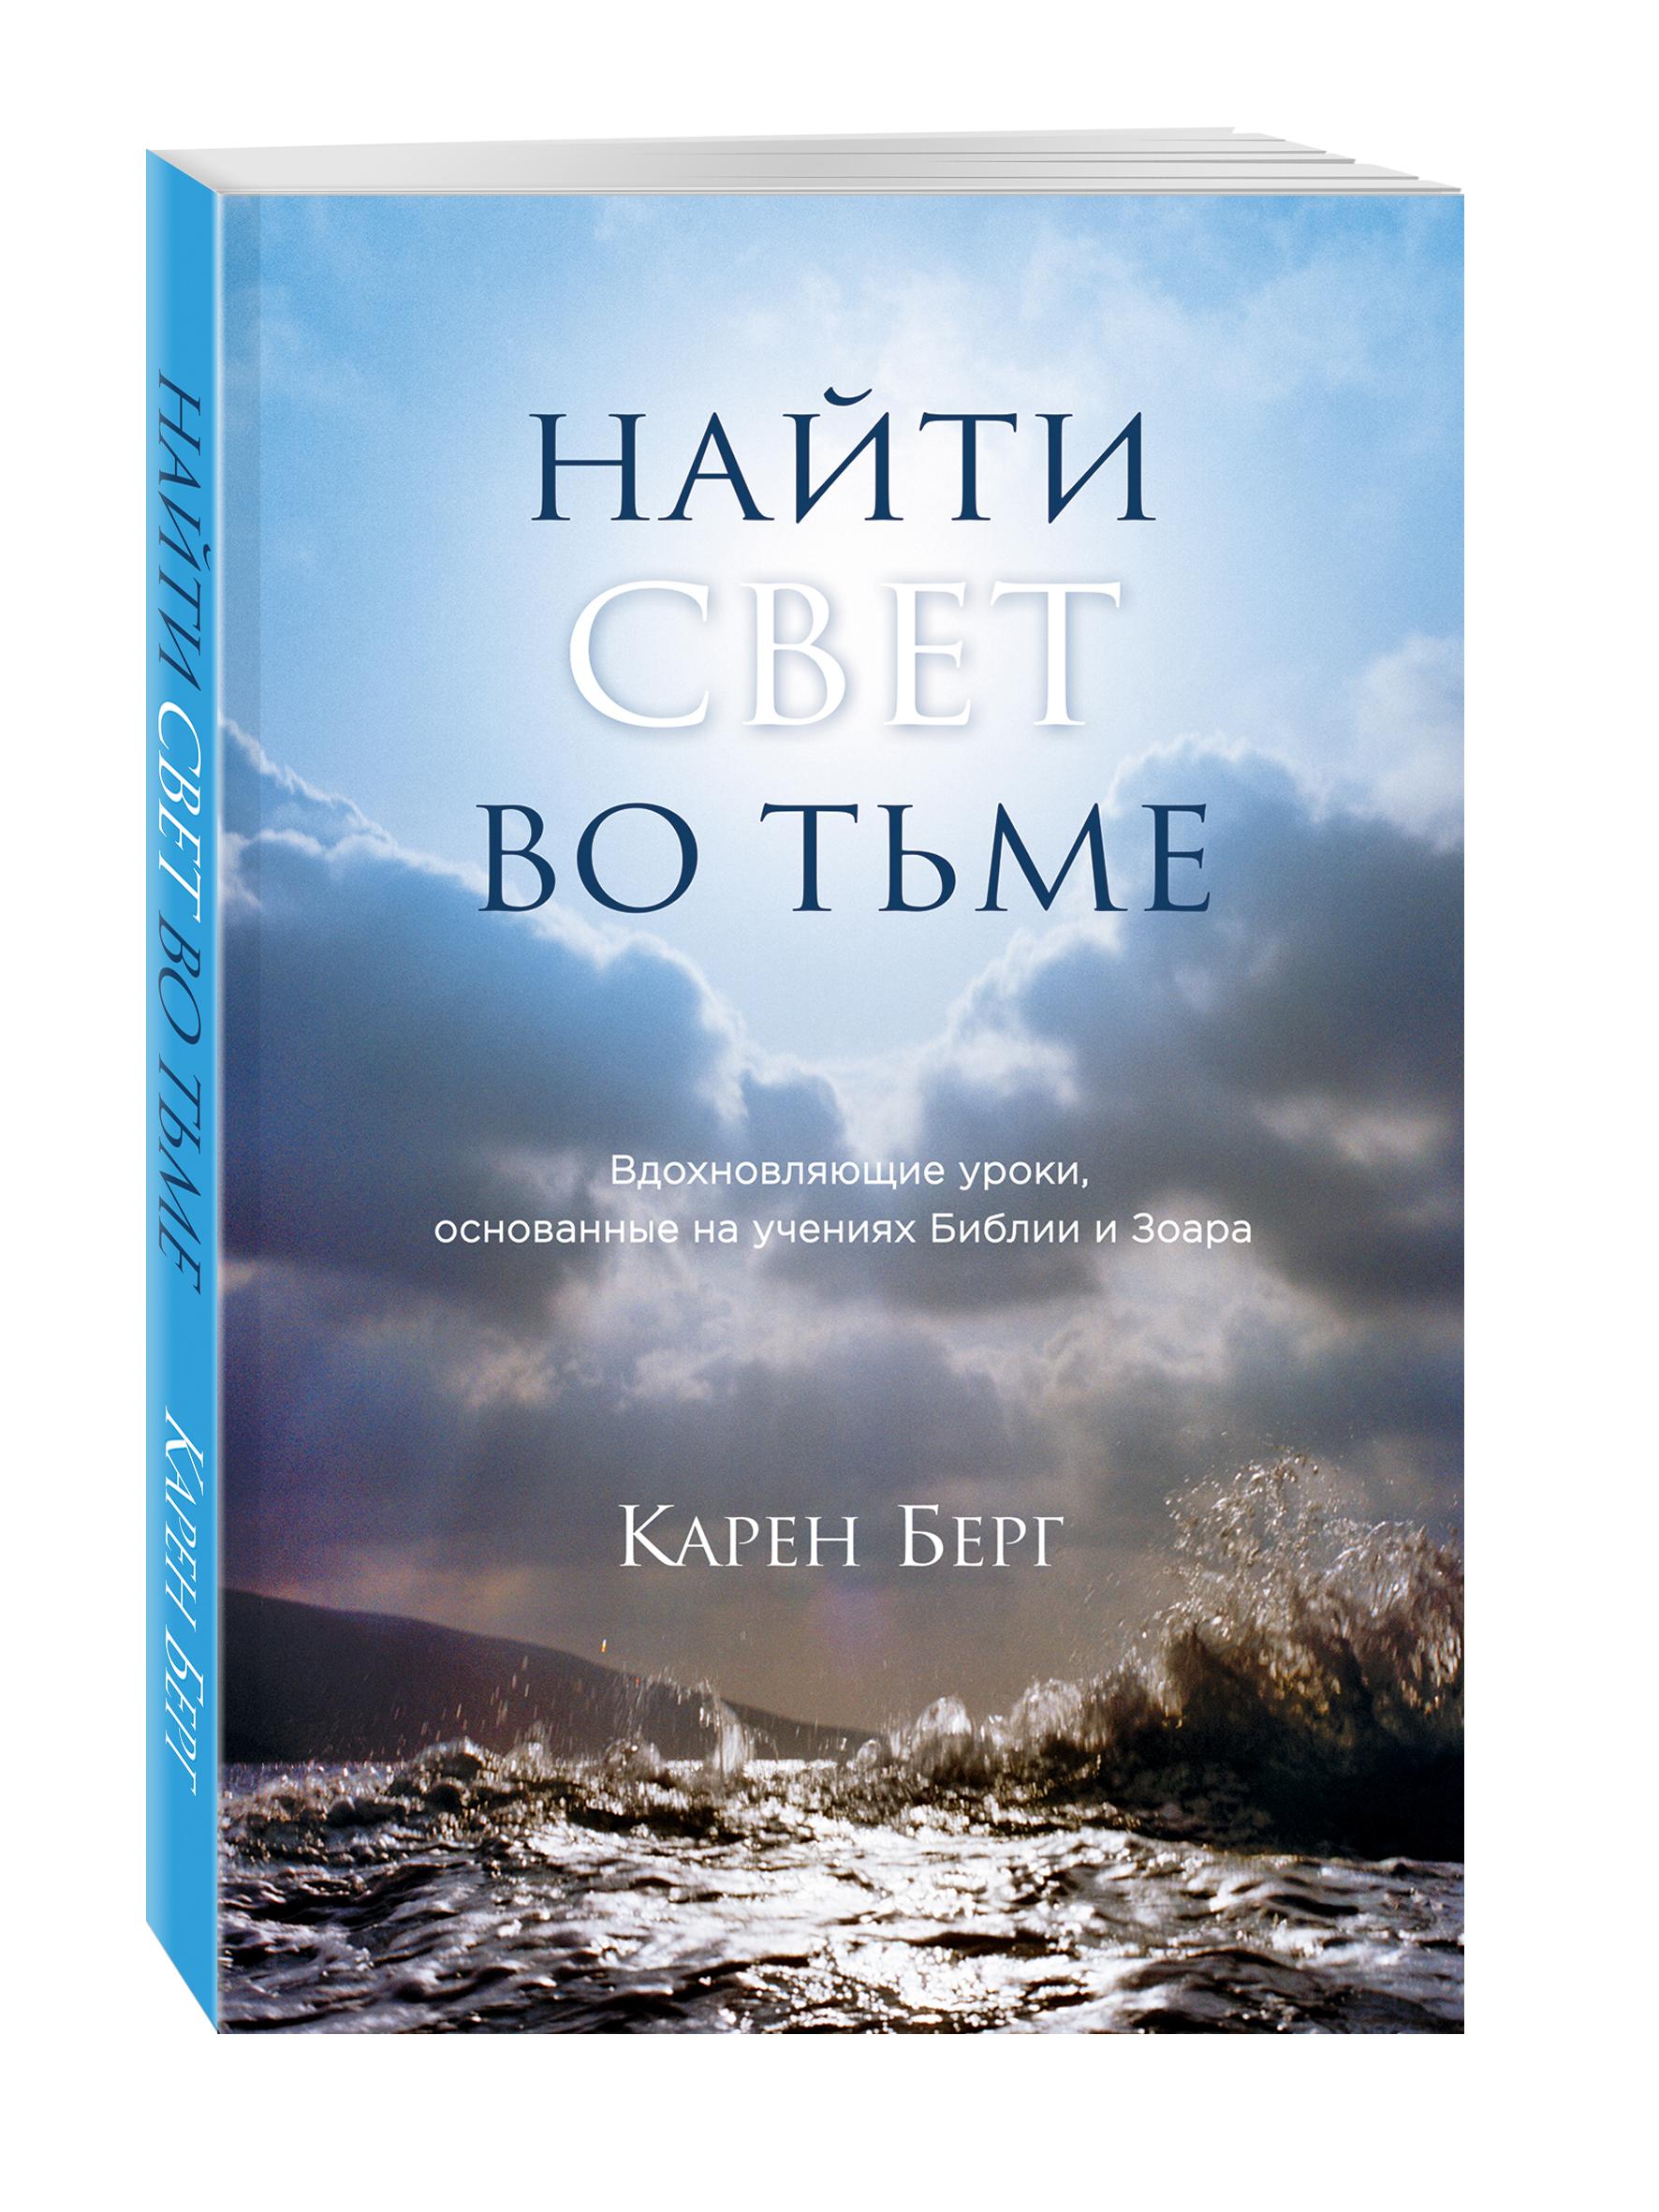 Карен Берг Найти Свет во тьме. Вдохновляющие уроки, основанные на учениях Библии и Зоара каббала